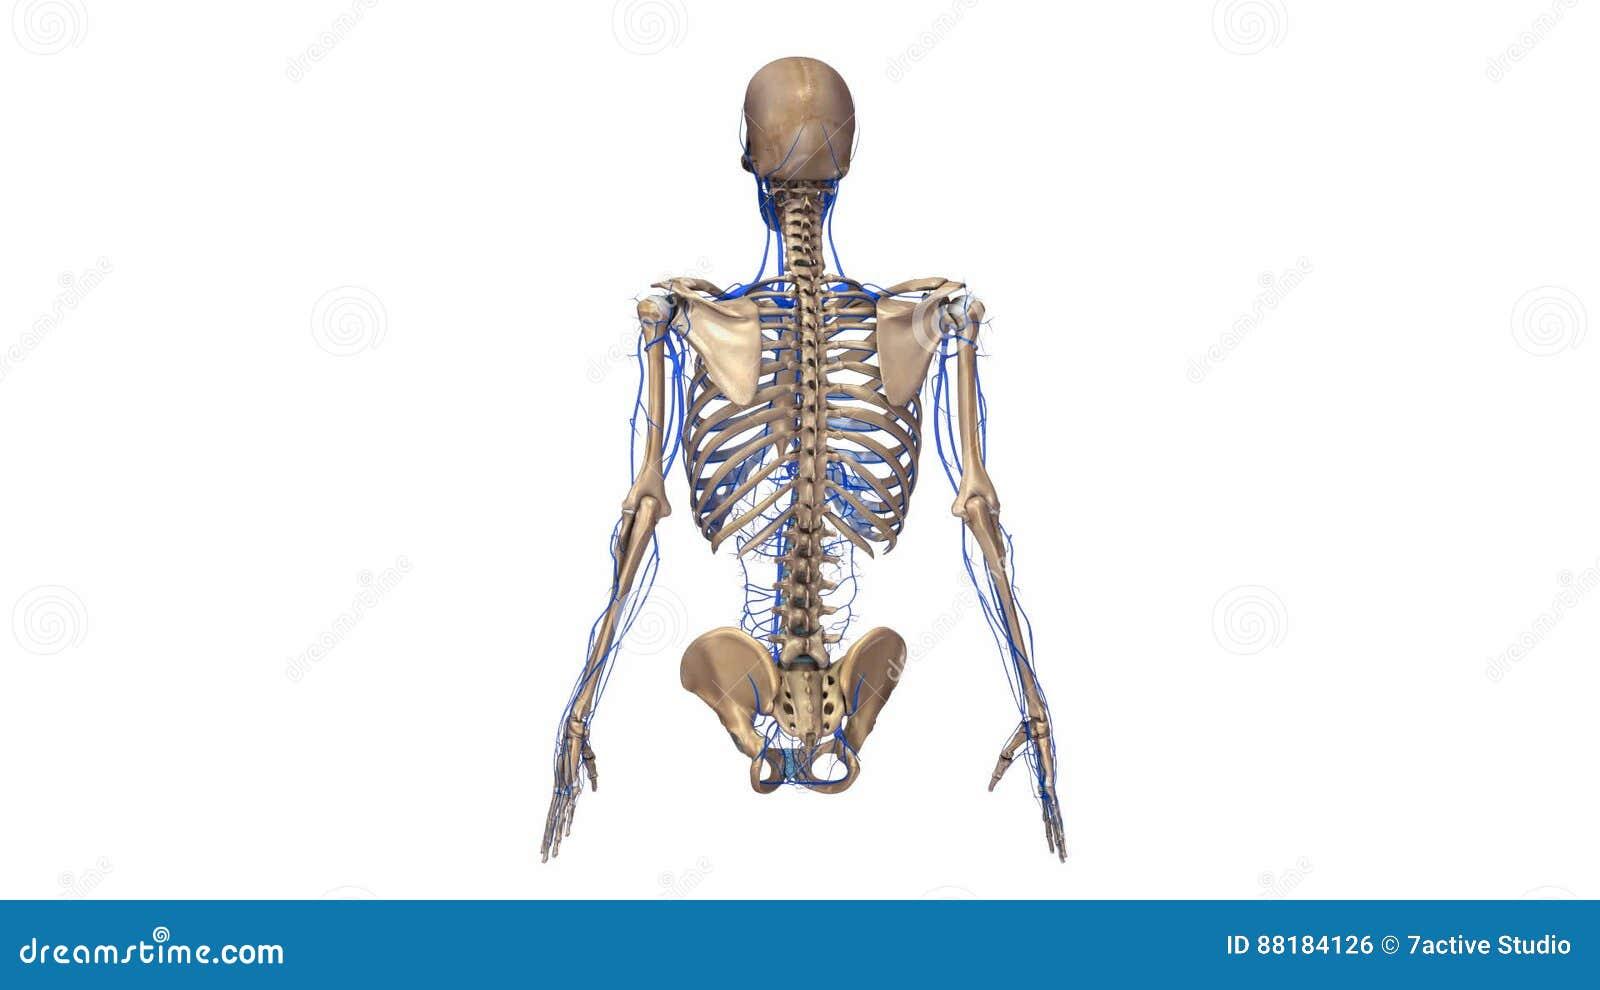 Beste Bilder Von Organsystemen Im Körper Bilder - Menschliche ...